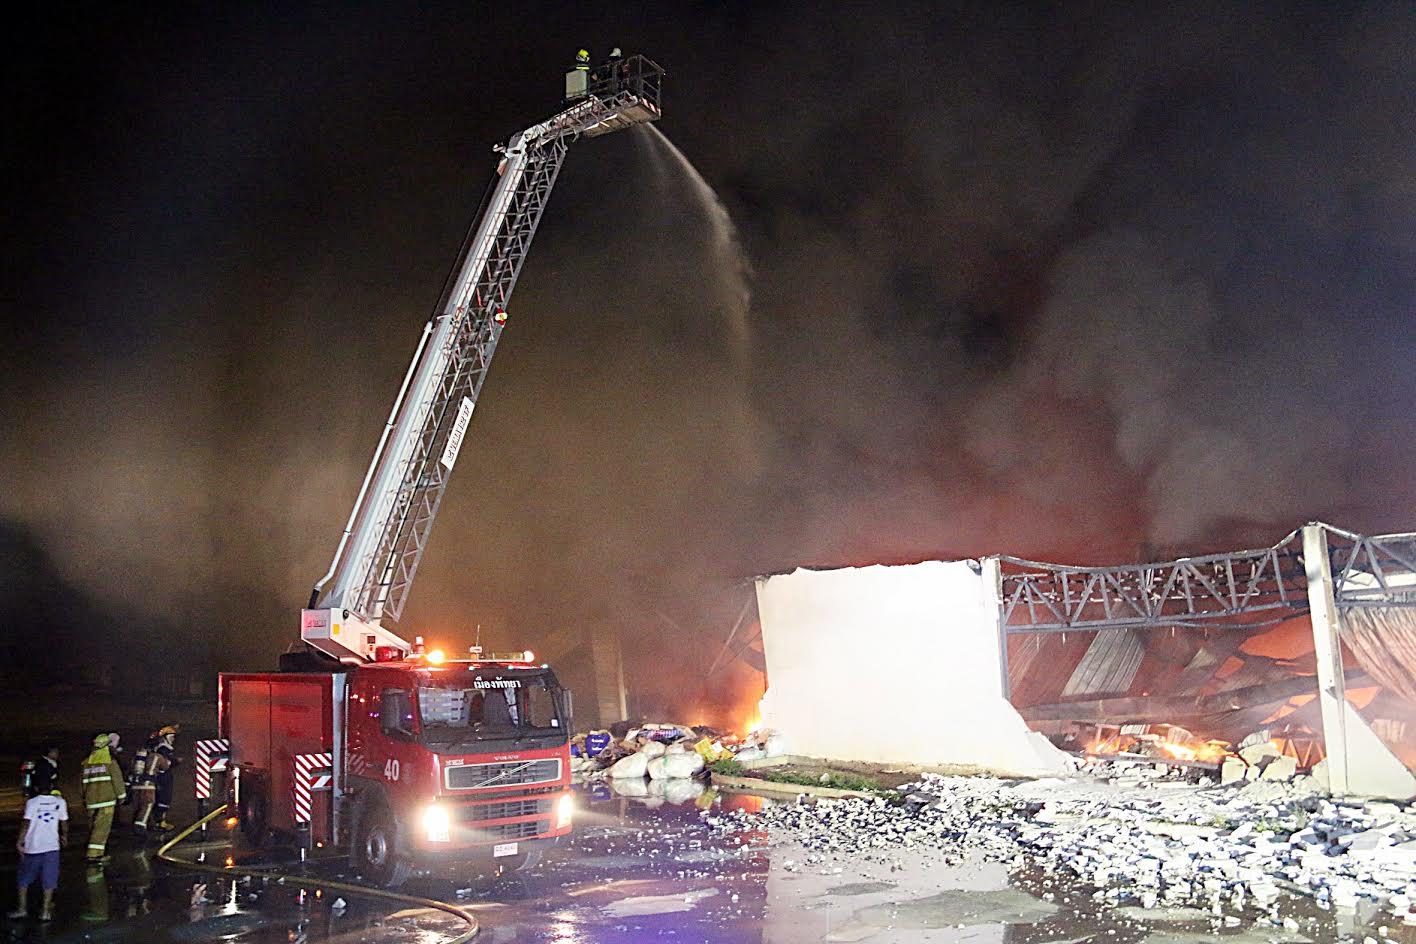 ไฟไหม้โรงงานจำหน่าย ที่นอน หมอน เครื่องนอน เสียหาย หลายร้อยล้านบาท